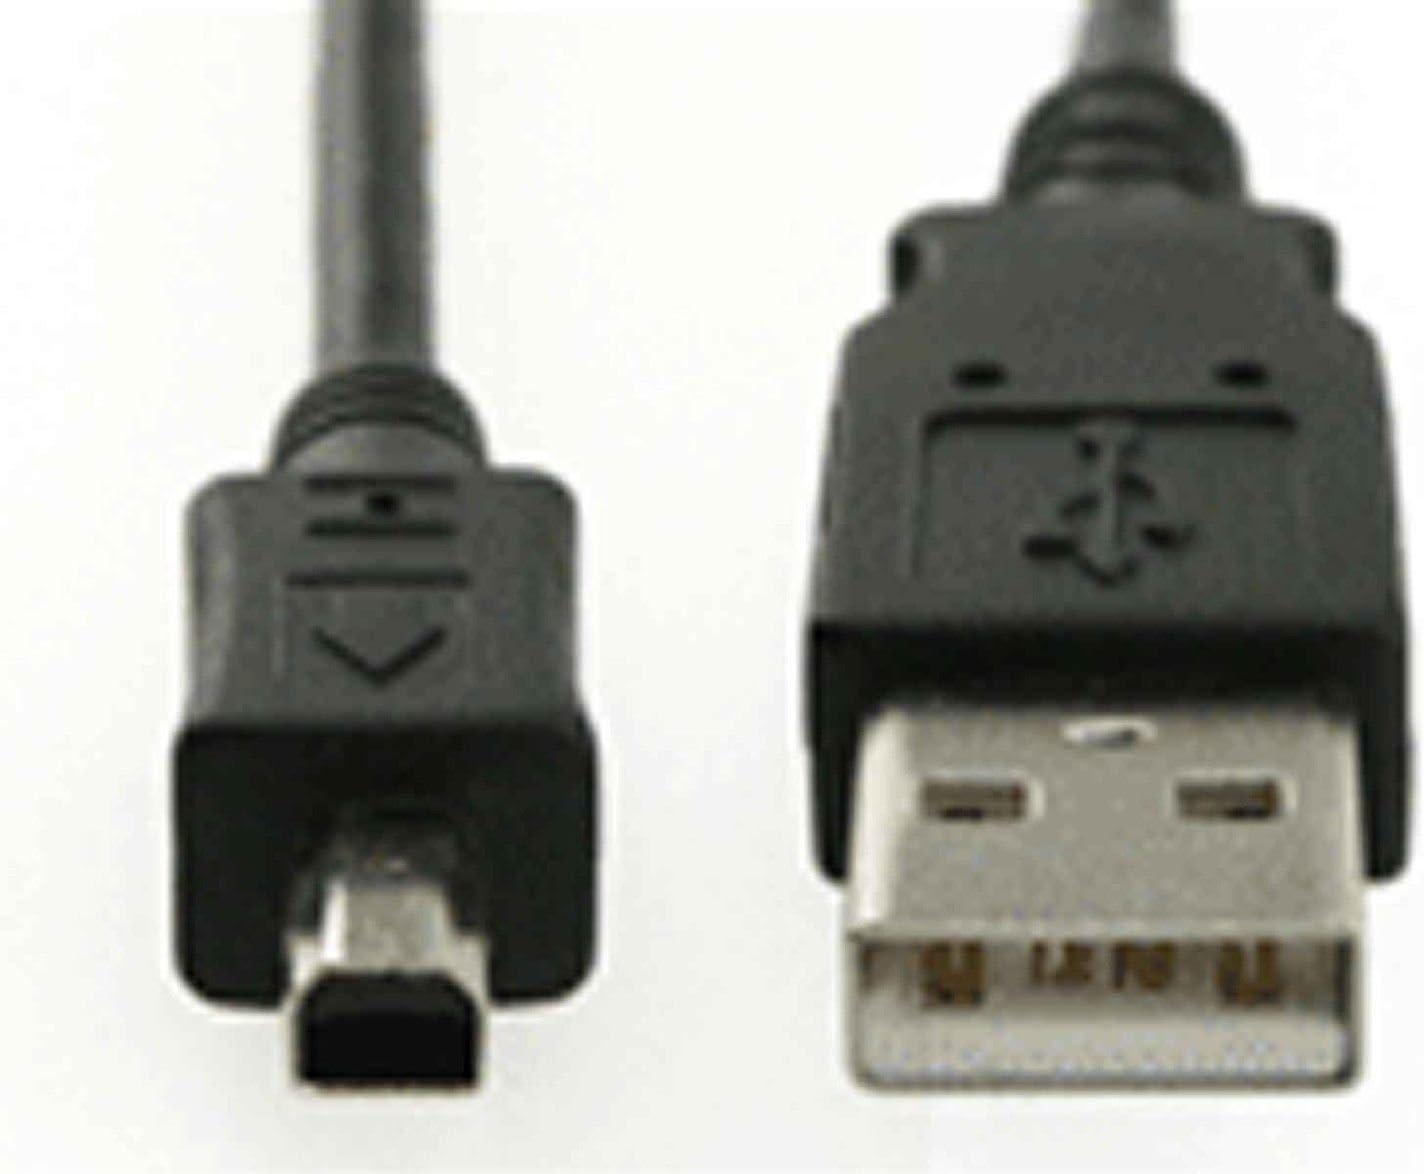 Cable de datos USB cable plomo para Kodak EasyShare DX4900 DX6340 DX6440 DX6490 DX7440